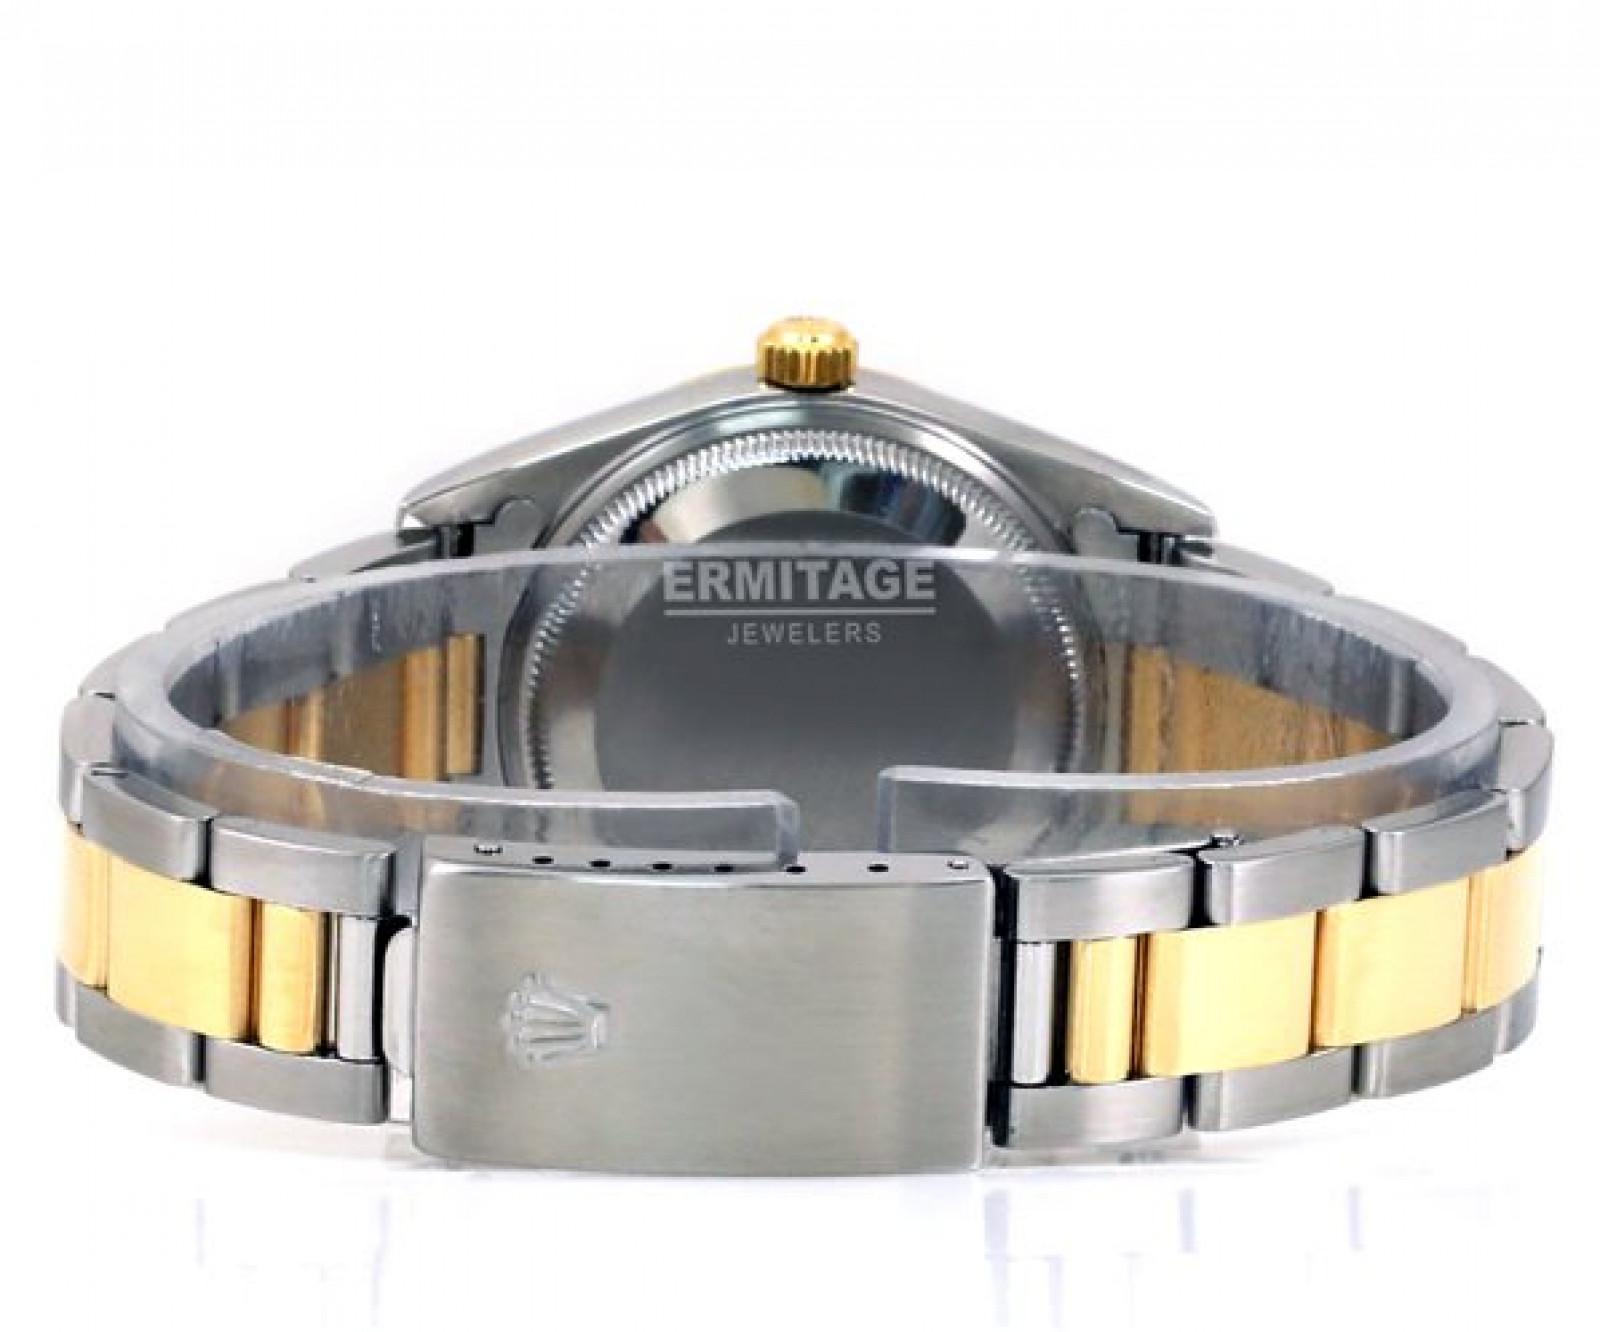 Rolex Date 15223 Gold & Steel Year 2003